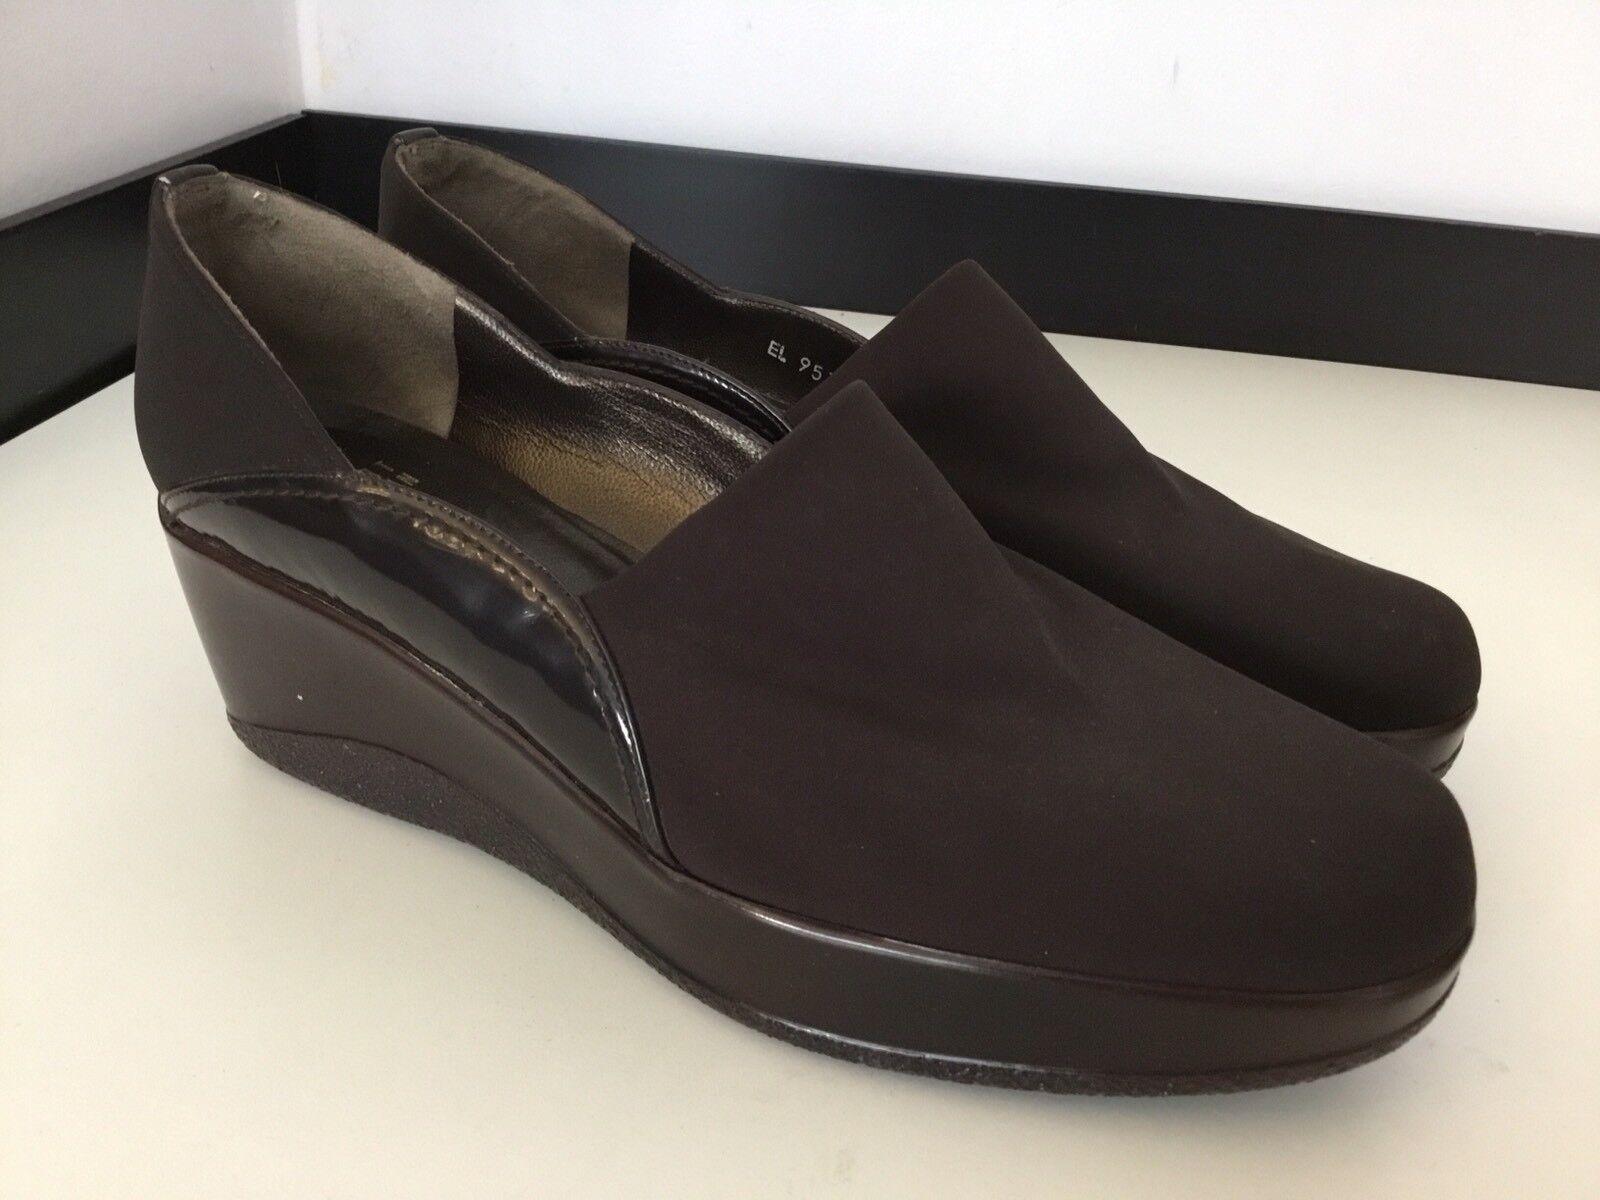 Stuart Schuhes Weitzman Braun Wedge Court Schuhes Stuart Heels Größe 39.5 Uk 6.5 Vgc 0c3f24